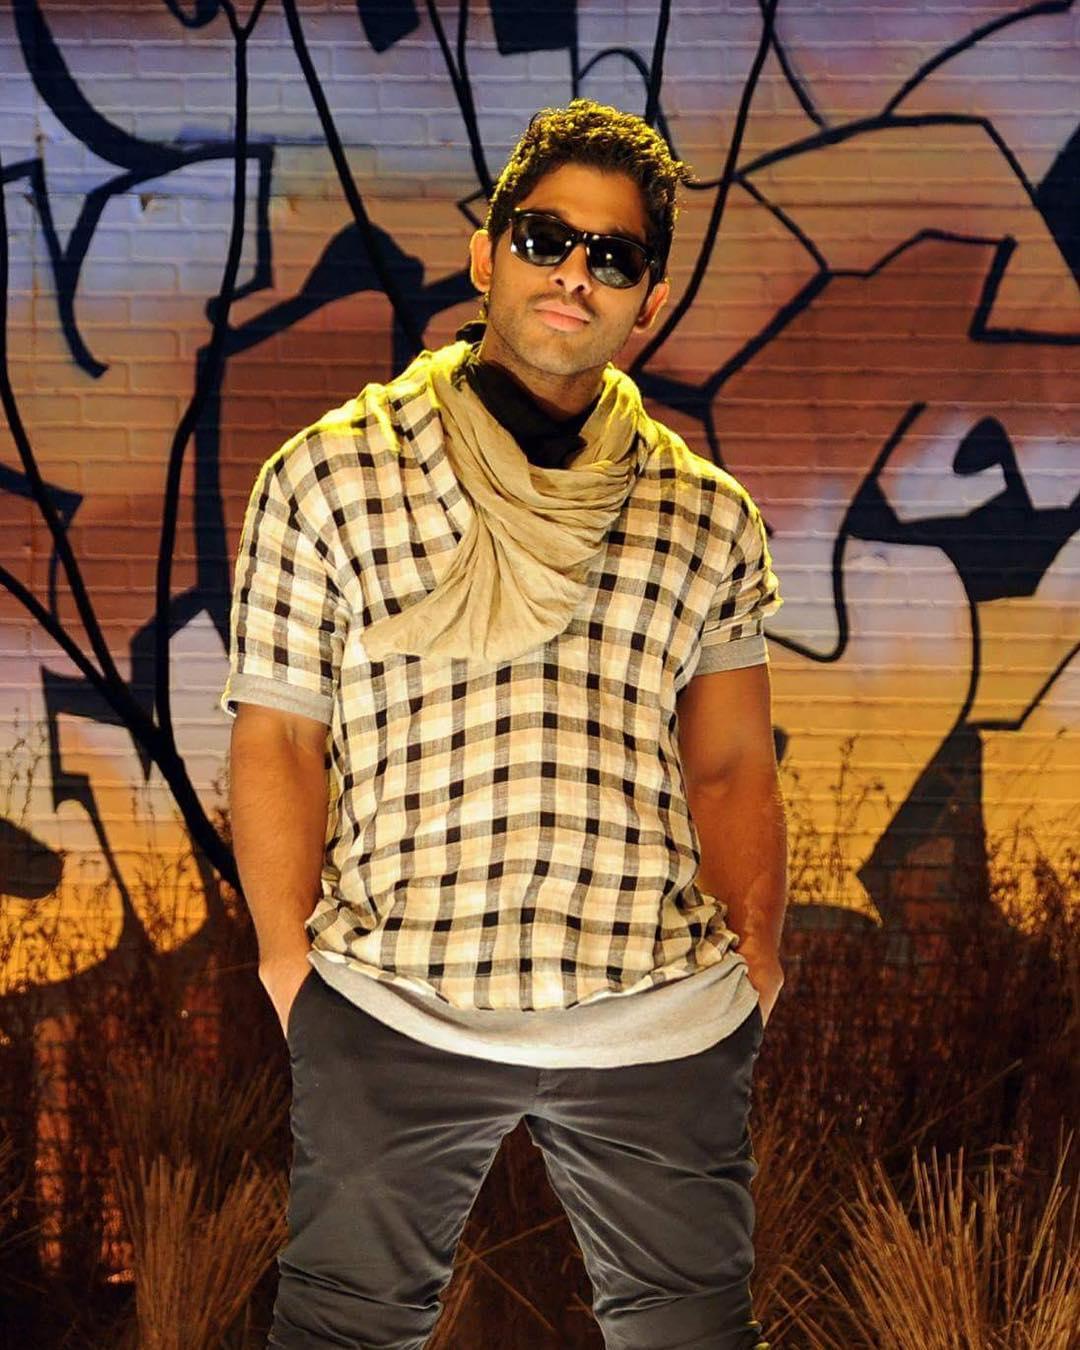 Allu Arjun HD Images | Allu Arjun Photos | Allu Arjun Images